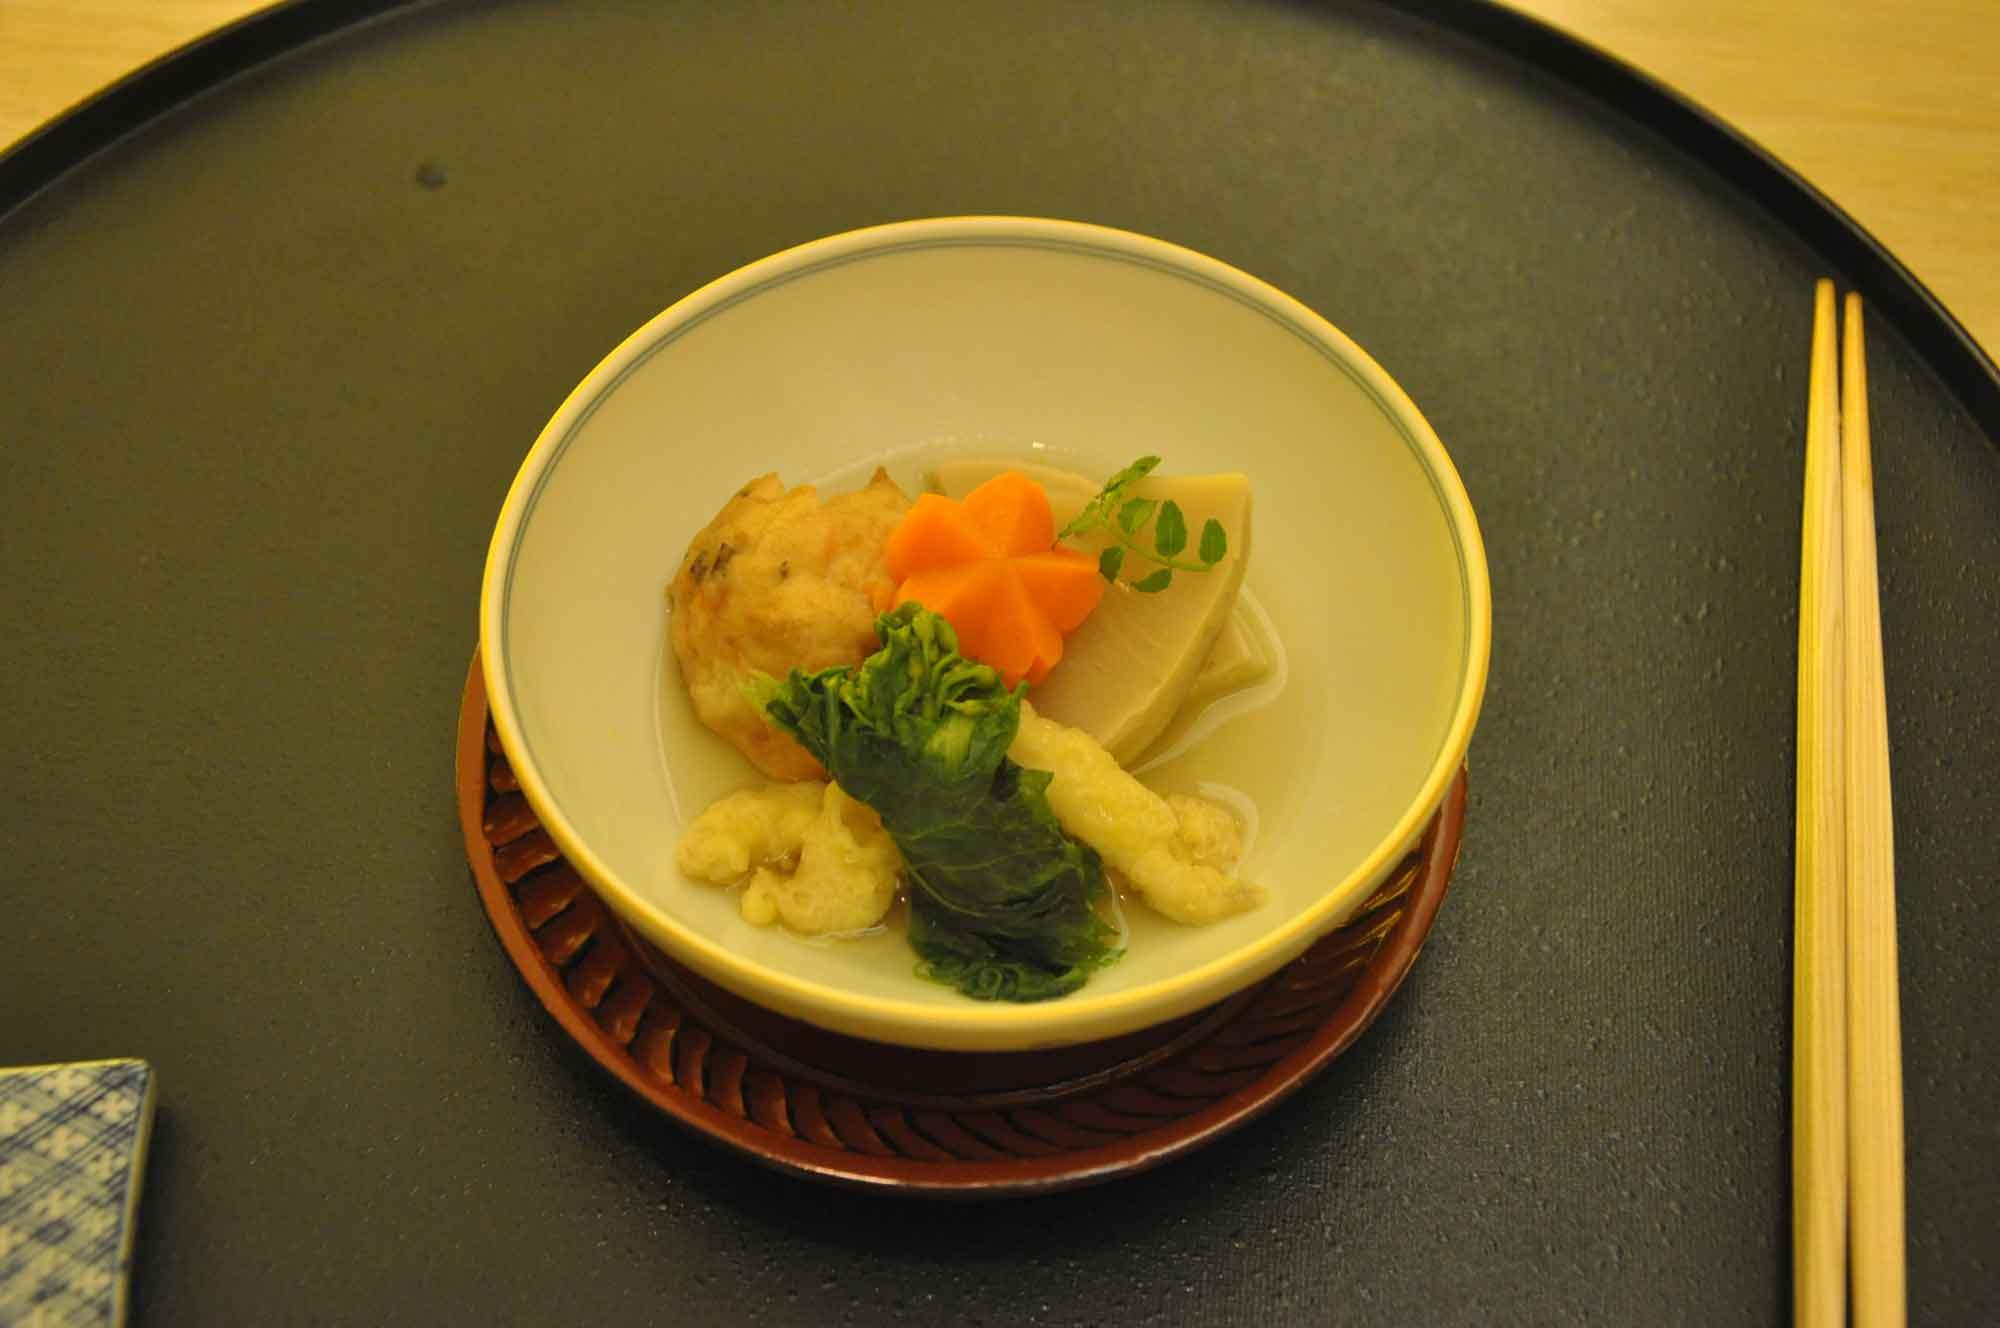 Yamazato Macau deep fried oysters